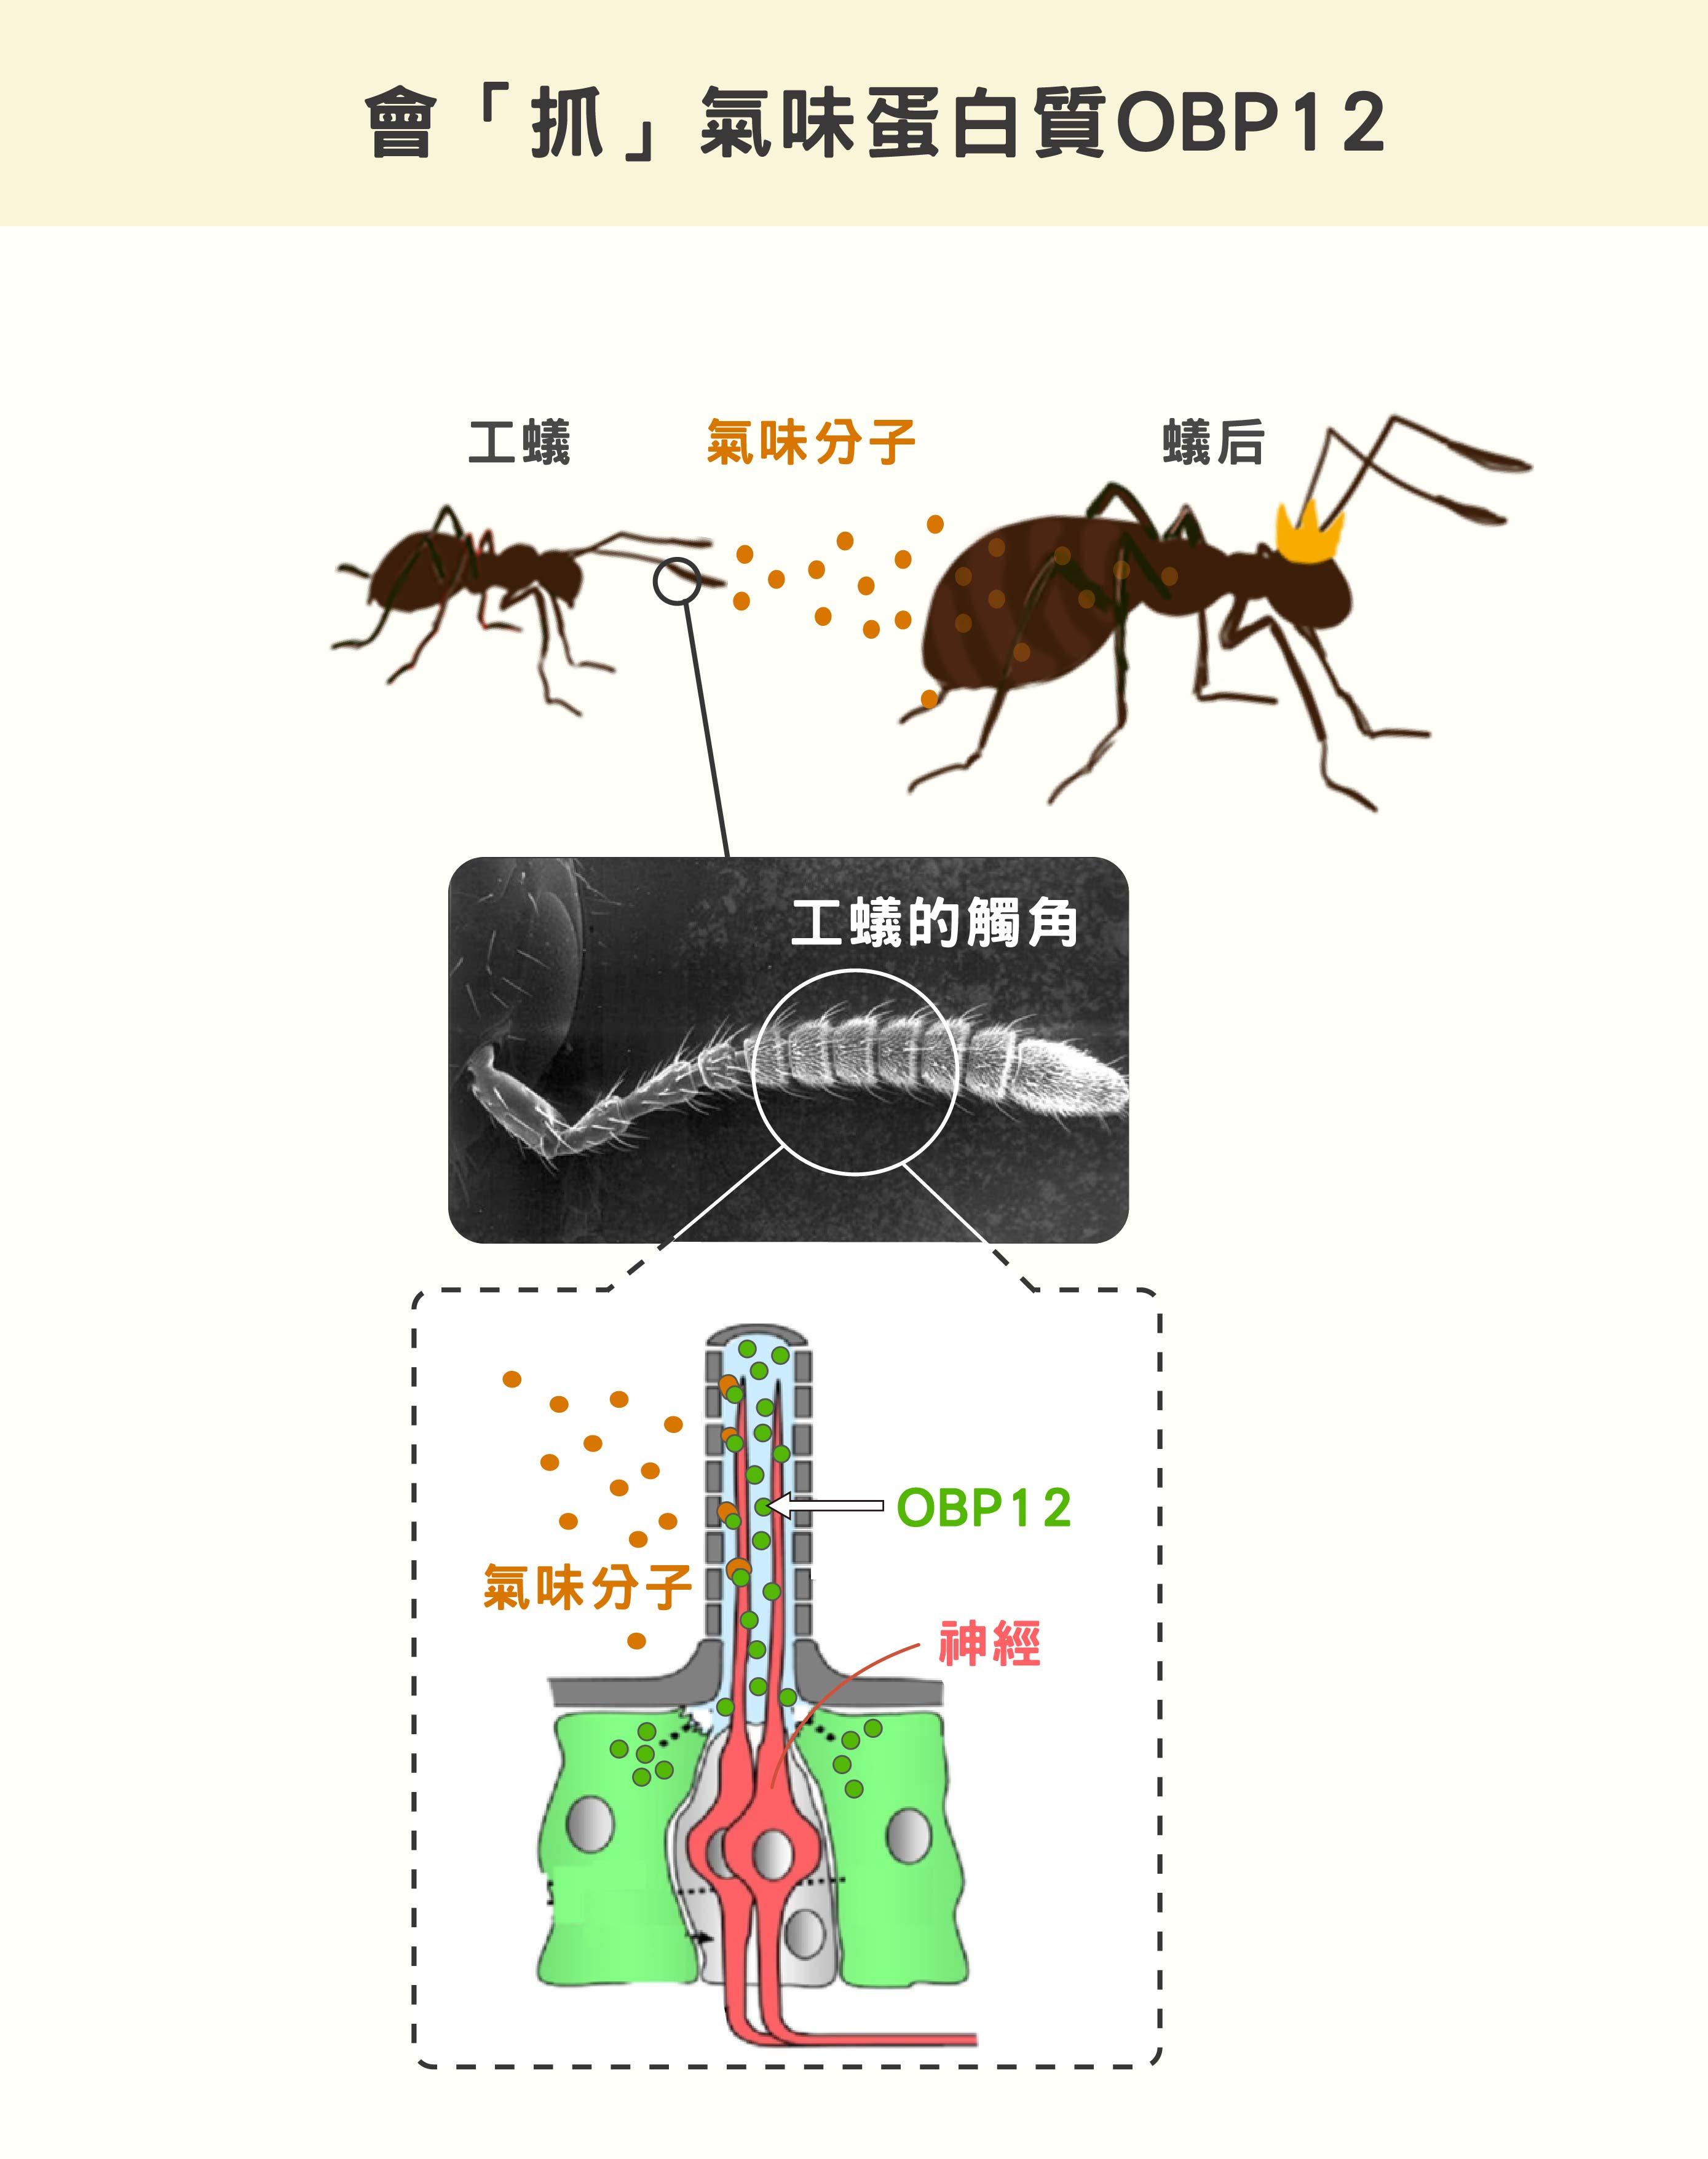 紅火蟻的觸角外面有一層殼,中間的神經表面有受器,可接收外界的氣味分子,形成嗅覺。但是!外殼和神經間之間是液體,就像一條河,氣味分子不溶於水,不能自己「渡河」,必須由一種氣味結合蛋白 OBP12 抓住、保護,才能順利「游過」液體、抵達神經的受器。圖│研之有物 (資料來源│王忠信)